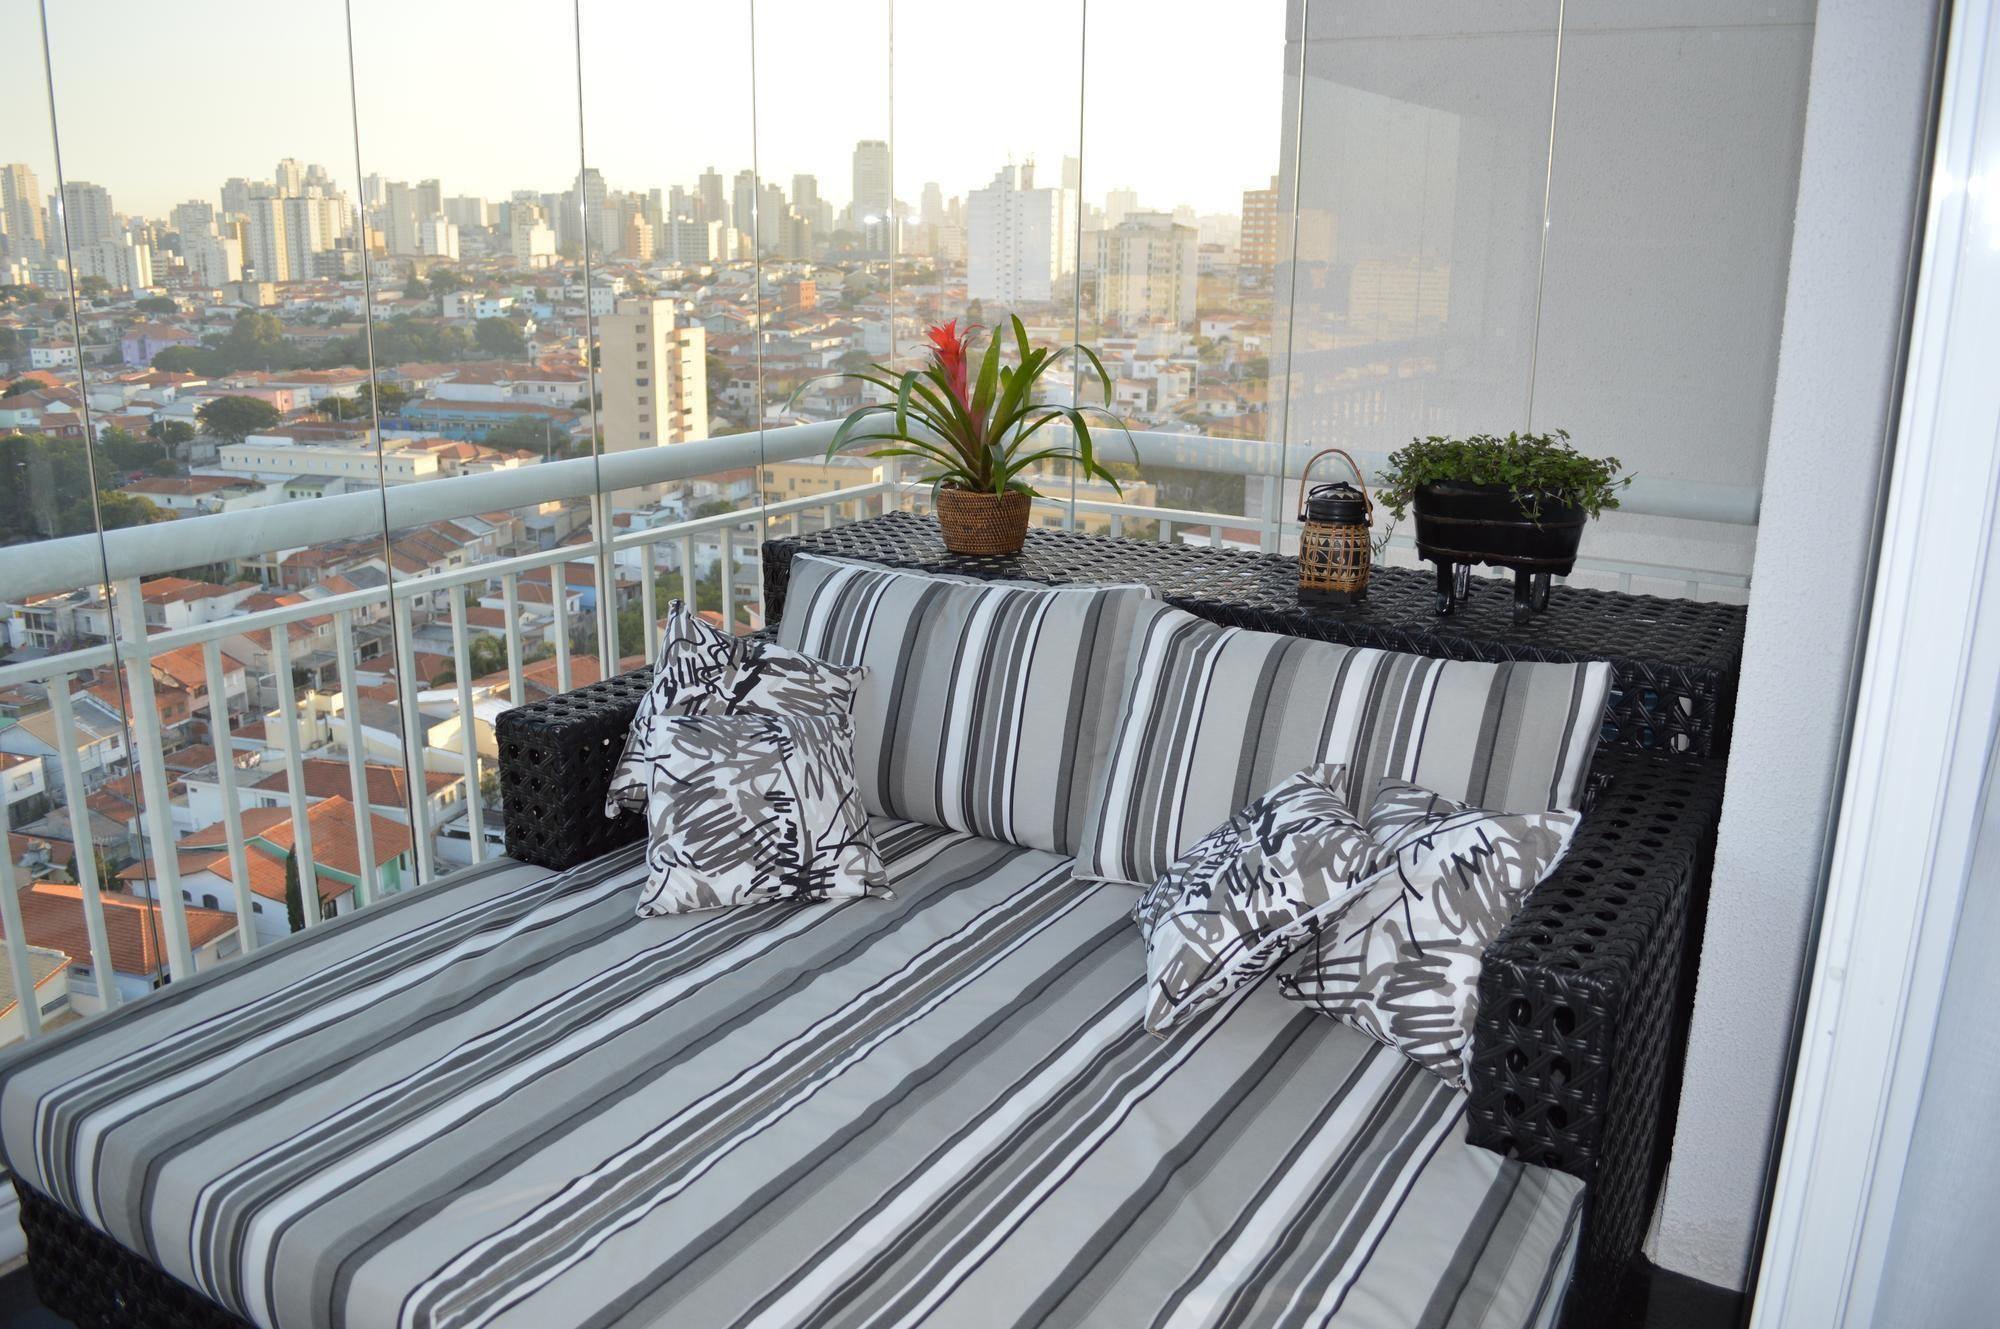 座り心地の良いソファの置かれた見晴らしの良いベランダの屋外リビングスペース